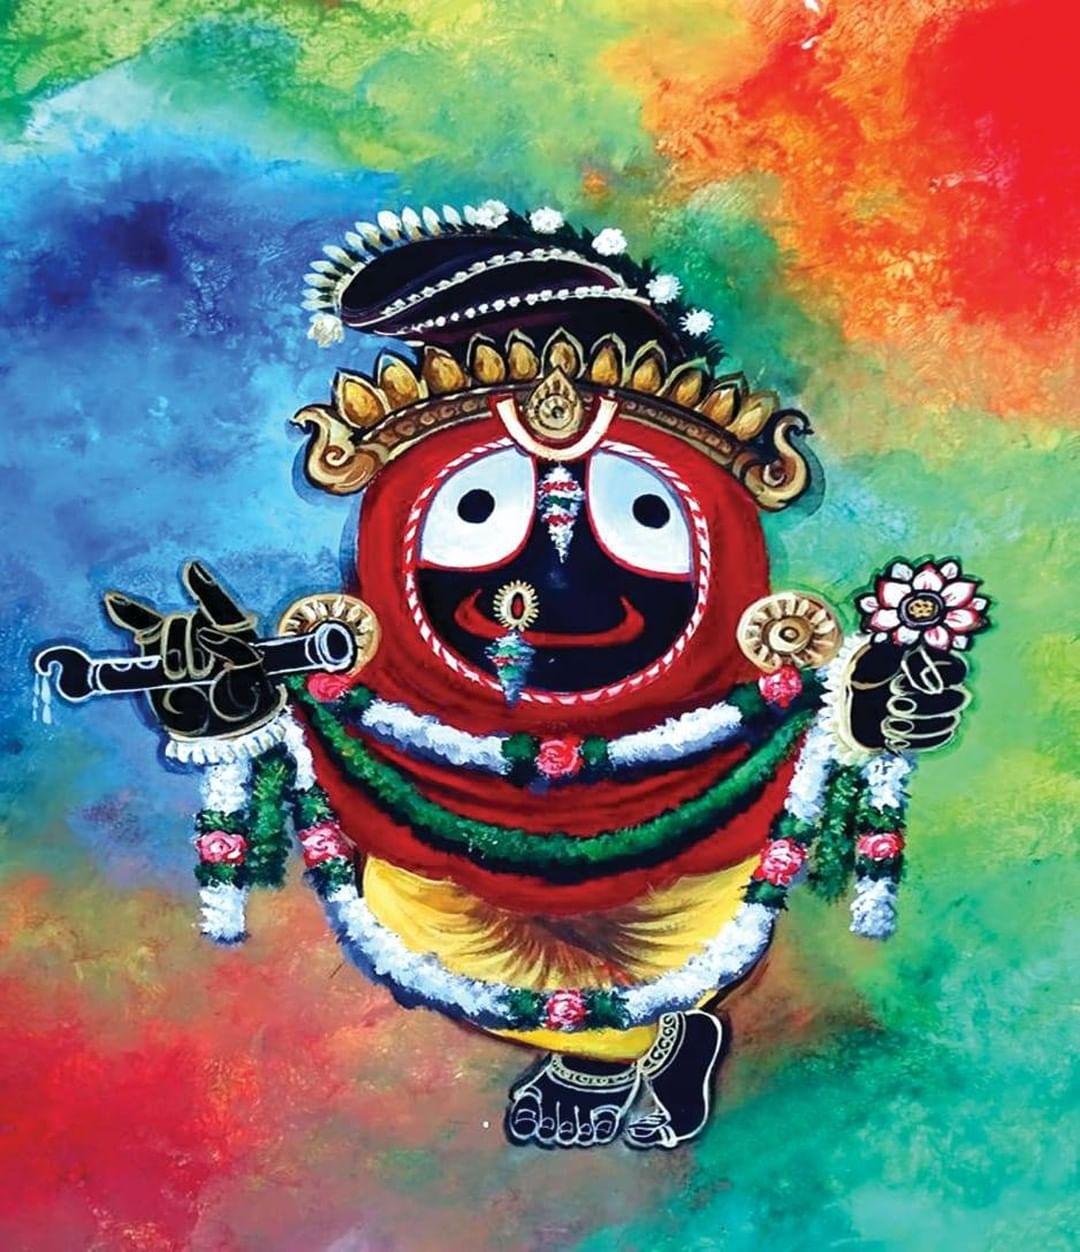 Image of Lord Jagannath Puri